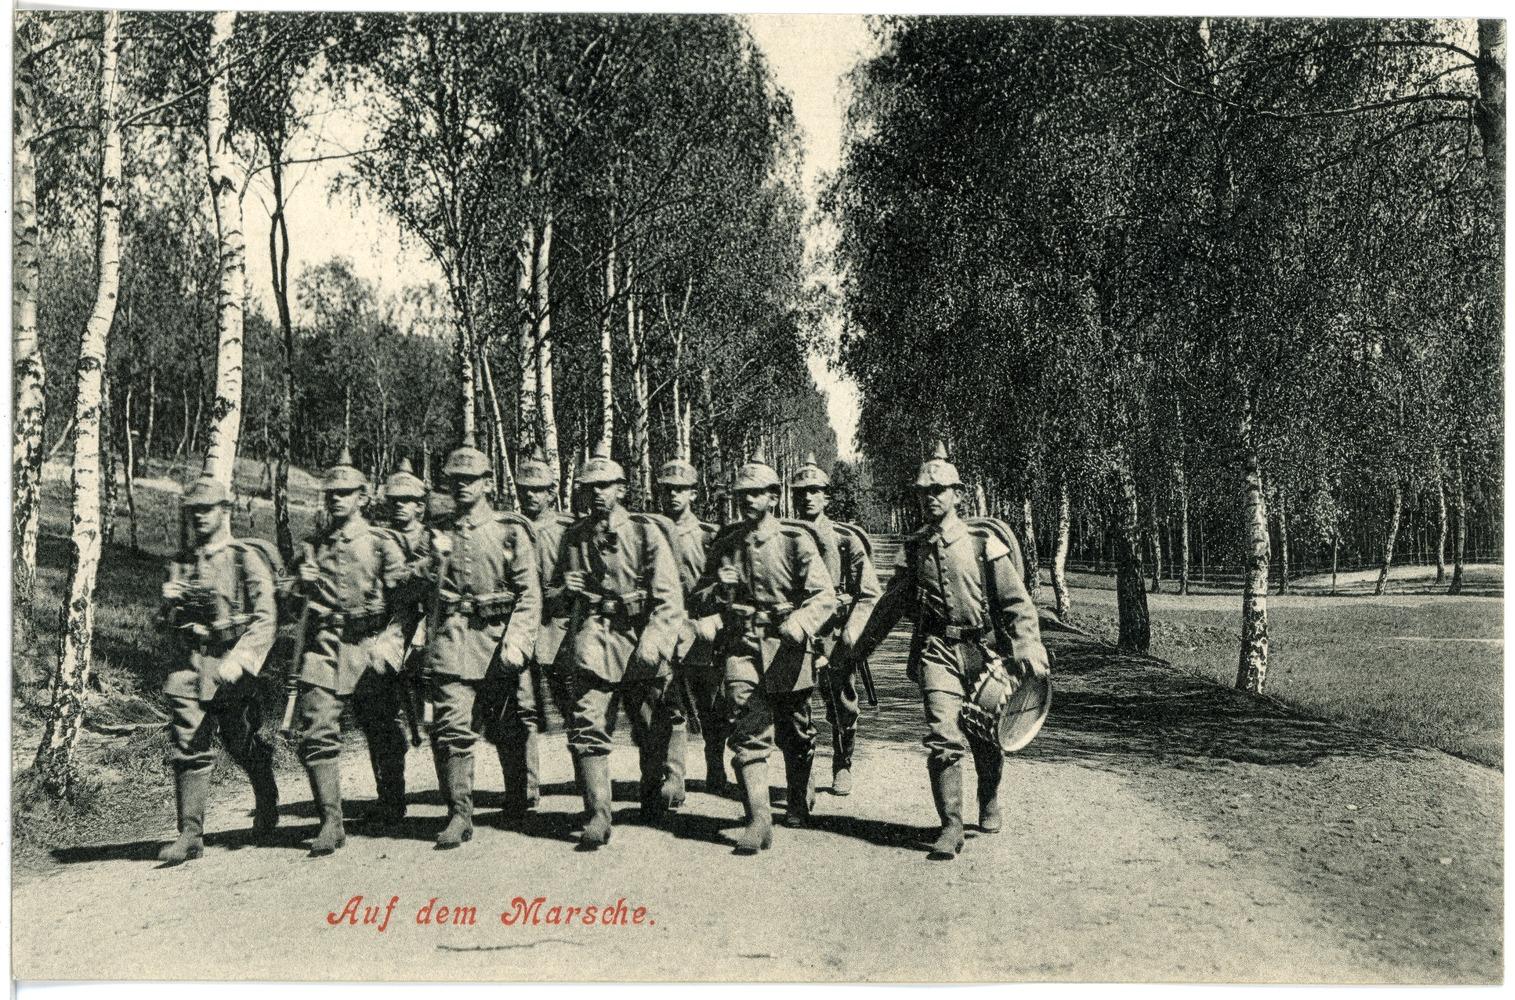 File:17798-Dresden-1914-Infanterie auf dem Marsch-Brück & Sohn